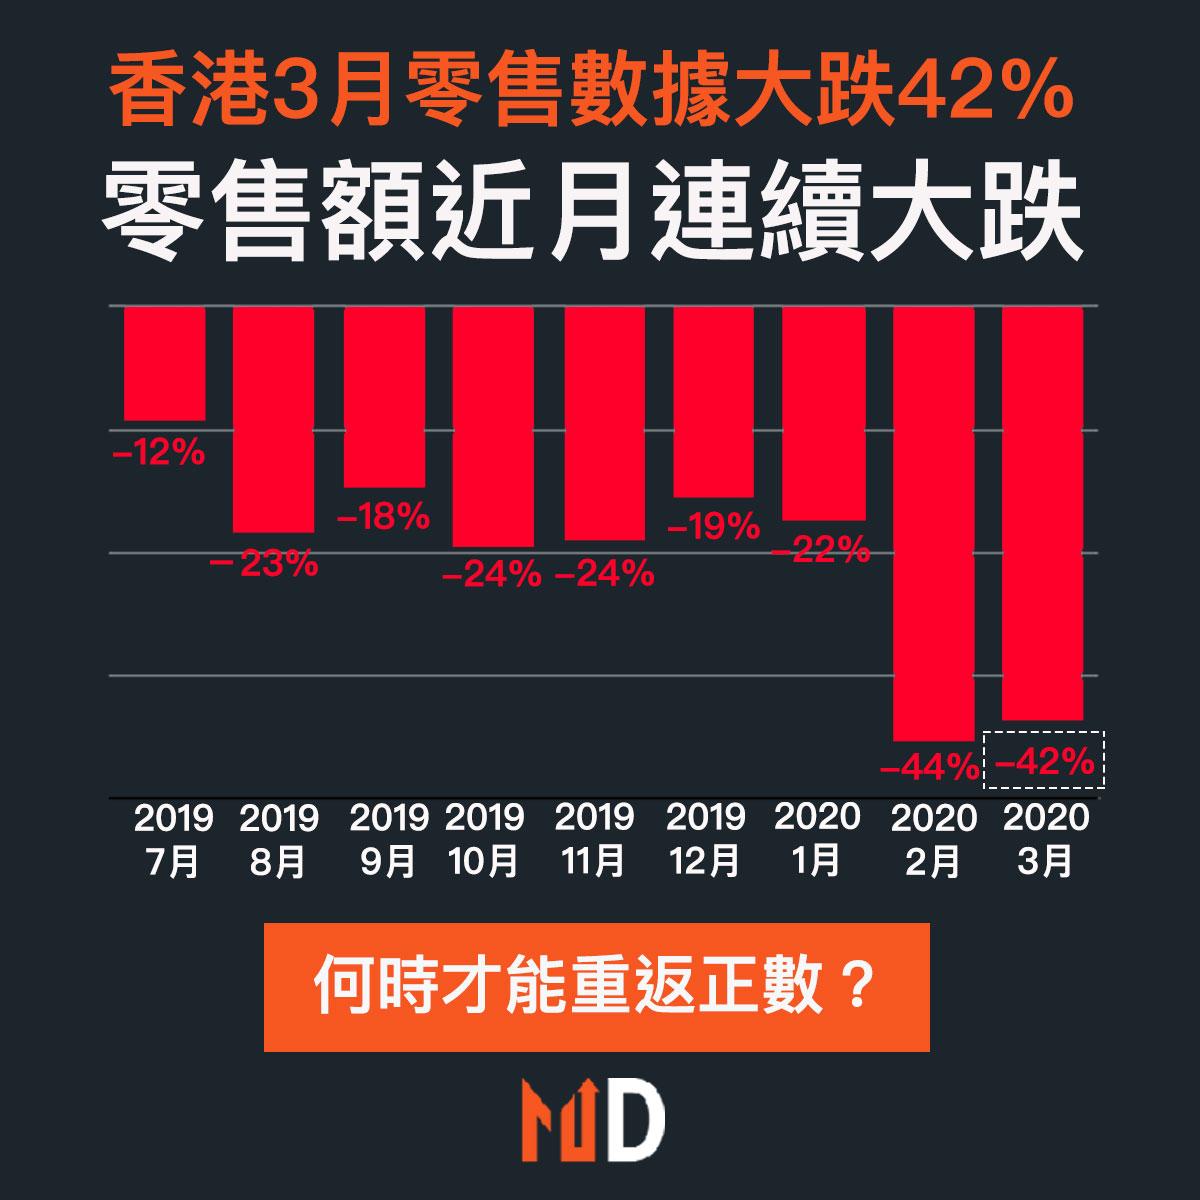 【#市場熱話】本港3月零售銷售大跌42%,連跌14個月